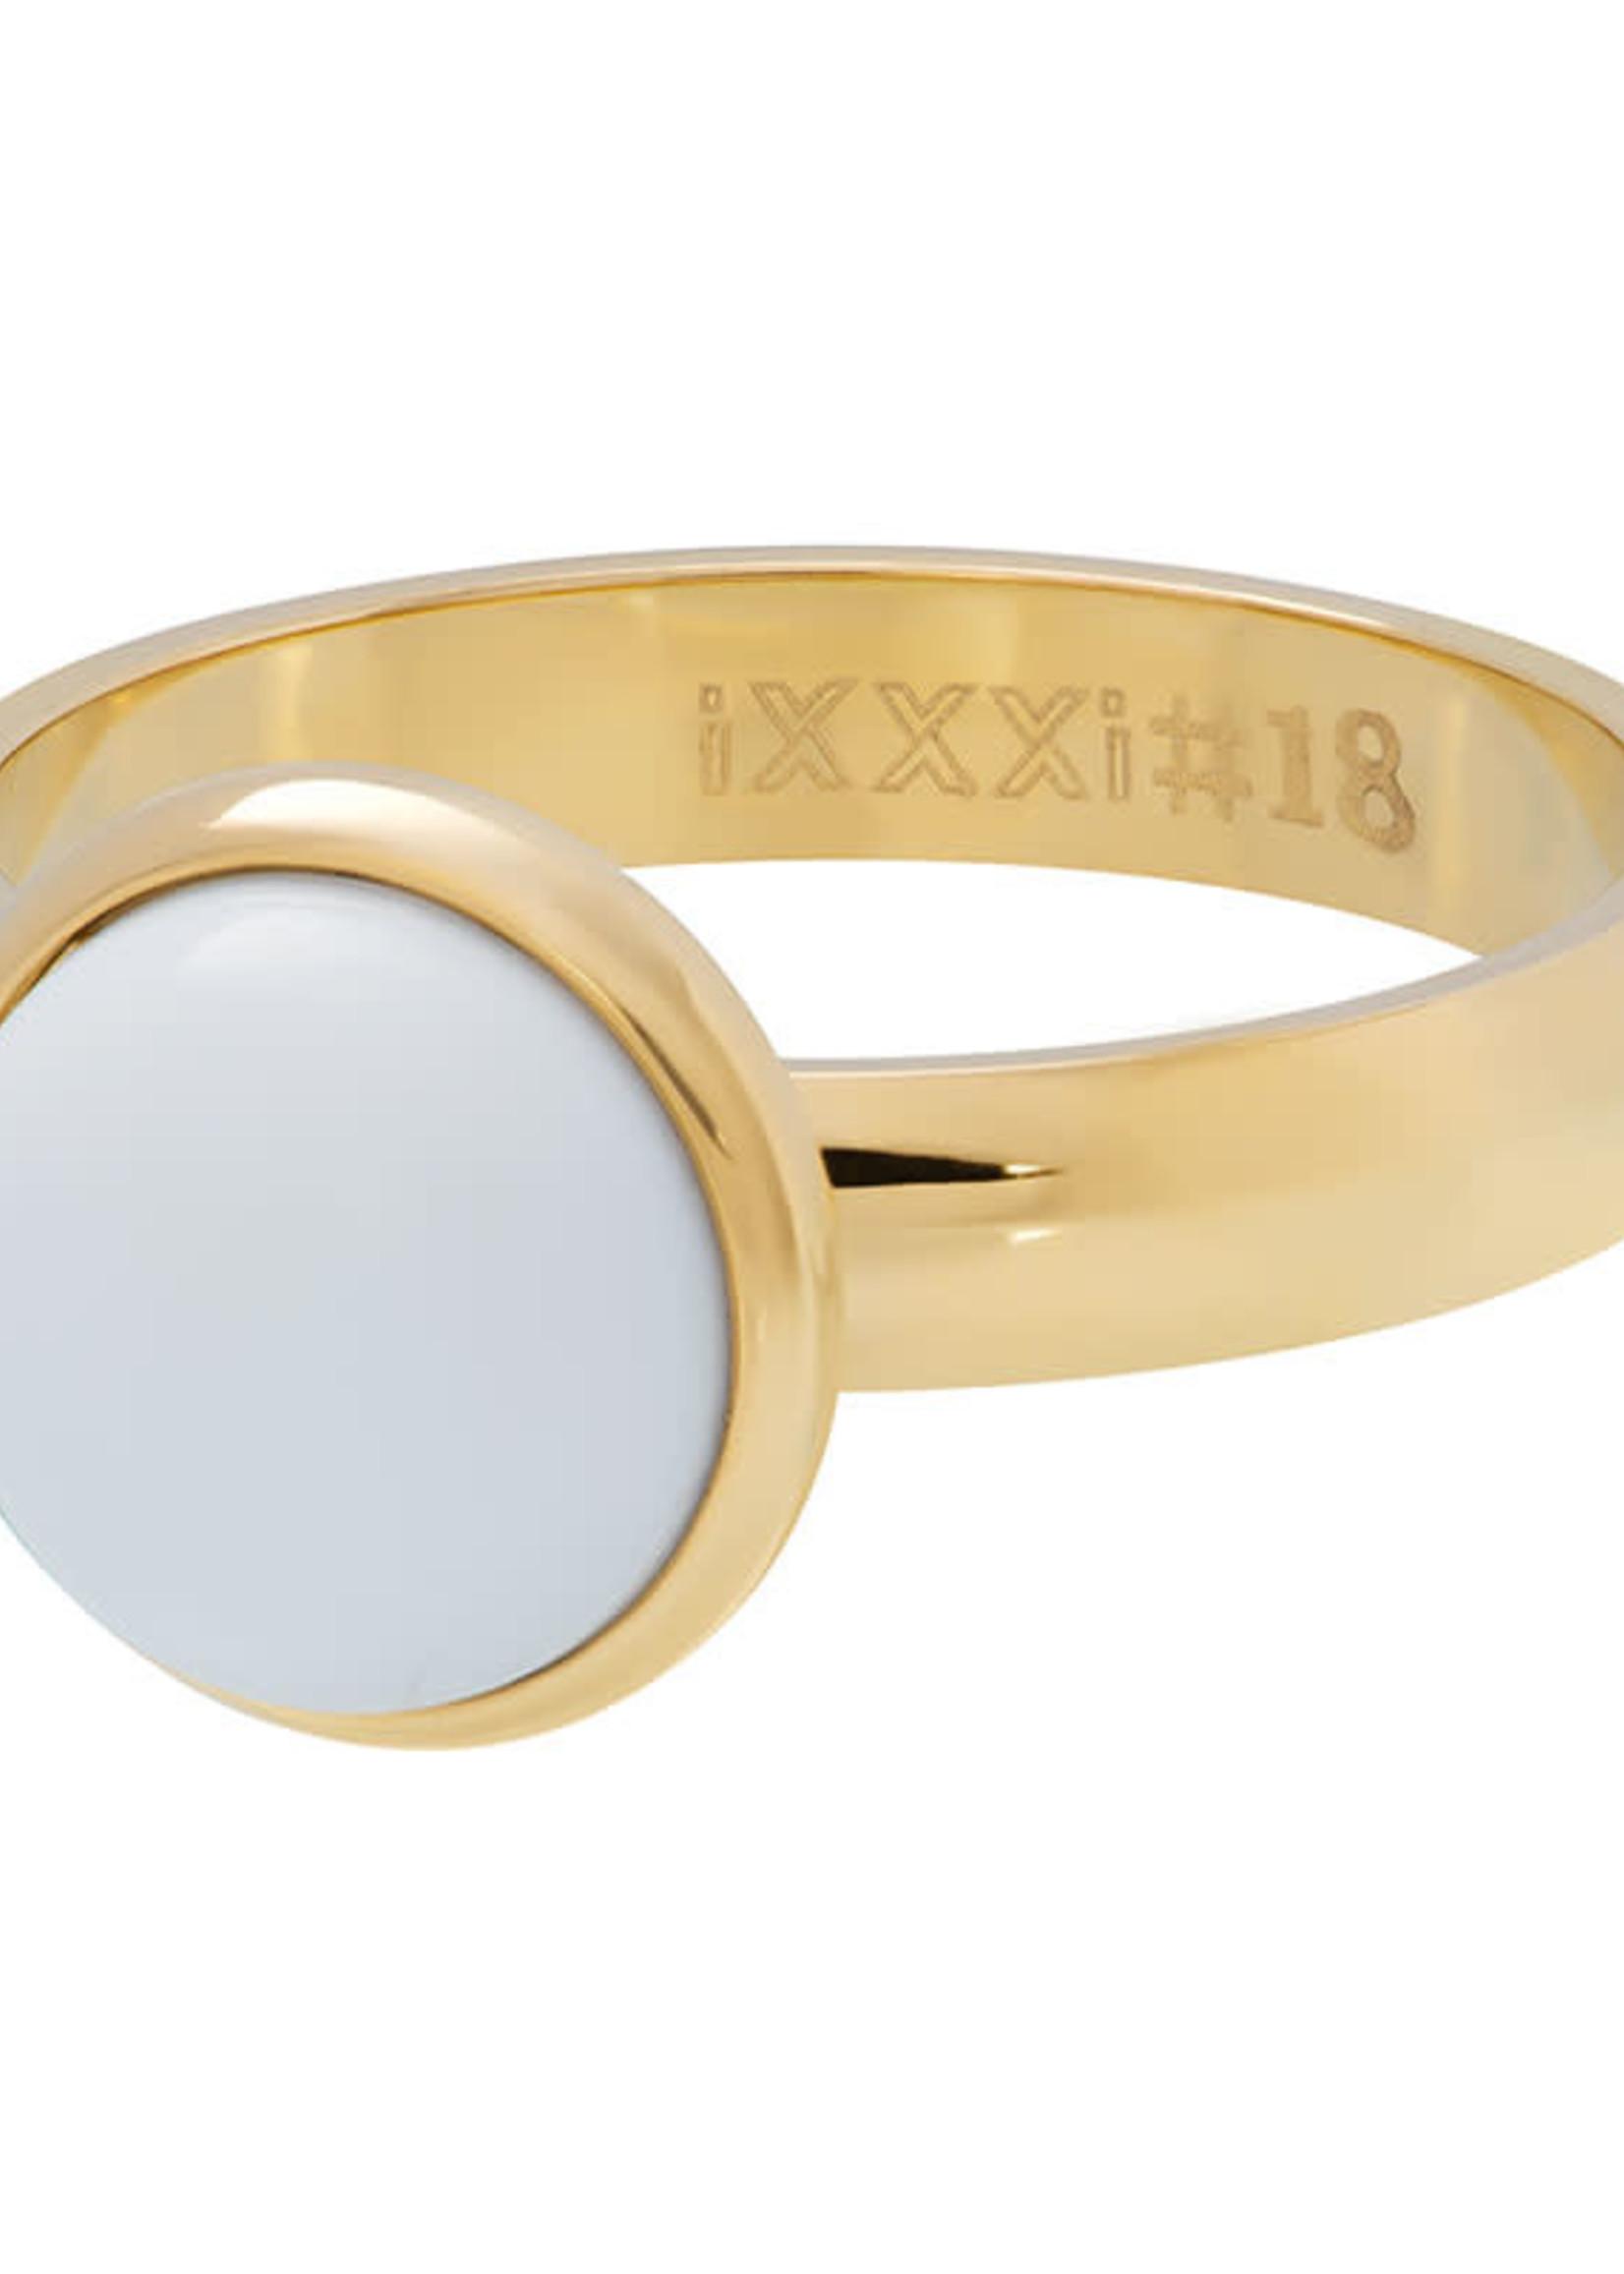 iXXXi ringen iXXXi white stone